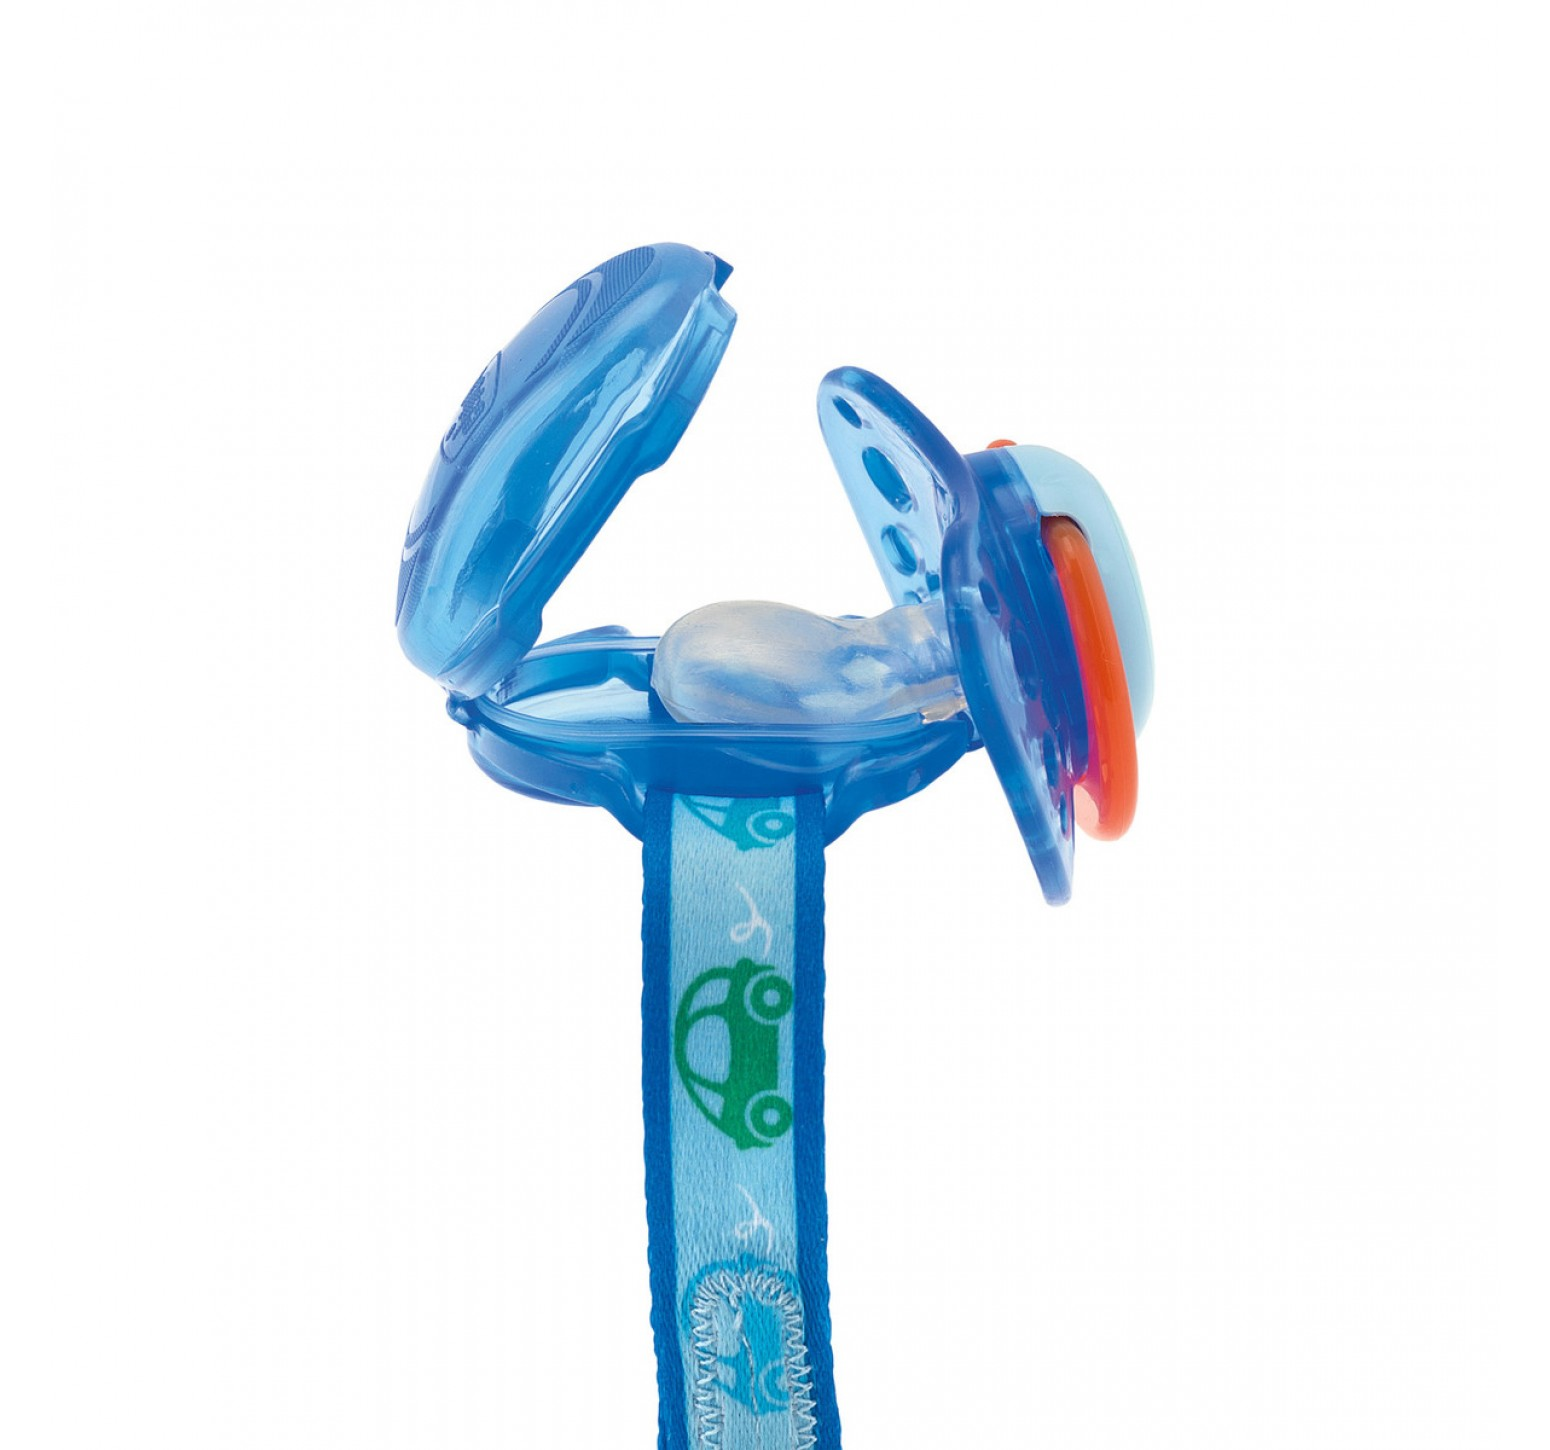 Chicco Clip protege chupetes (azul)